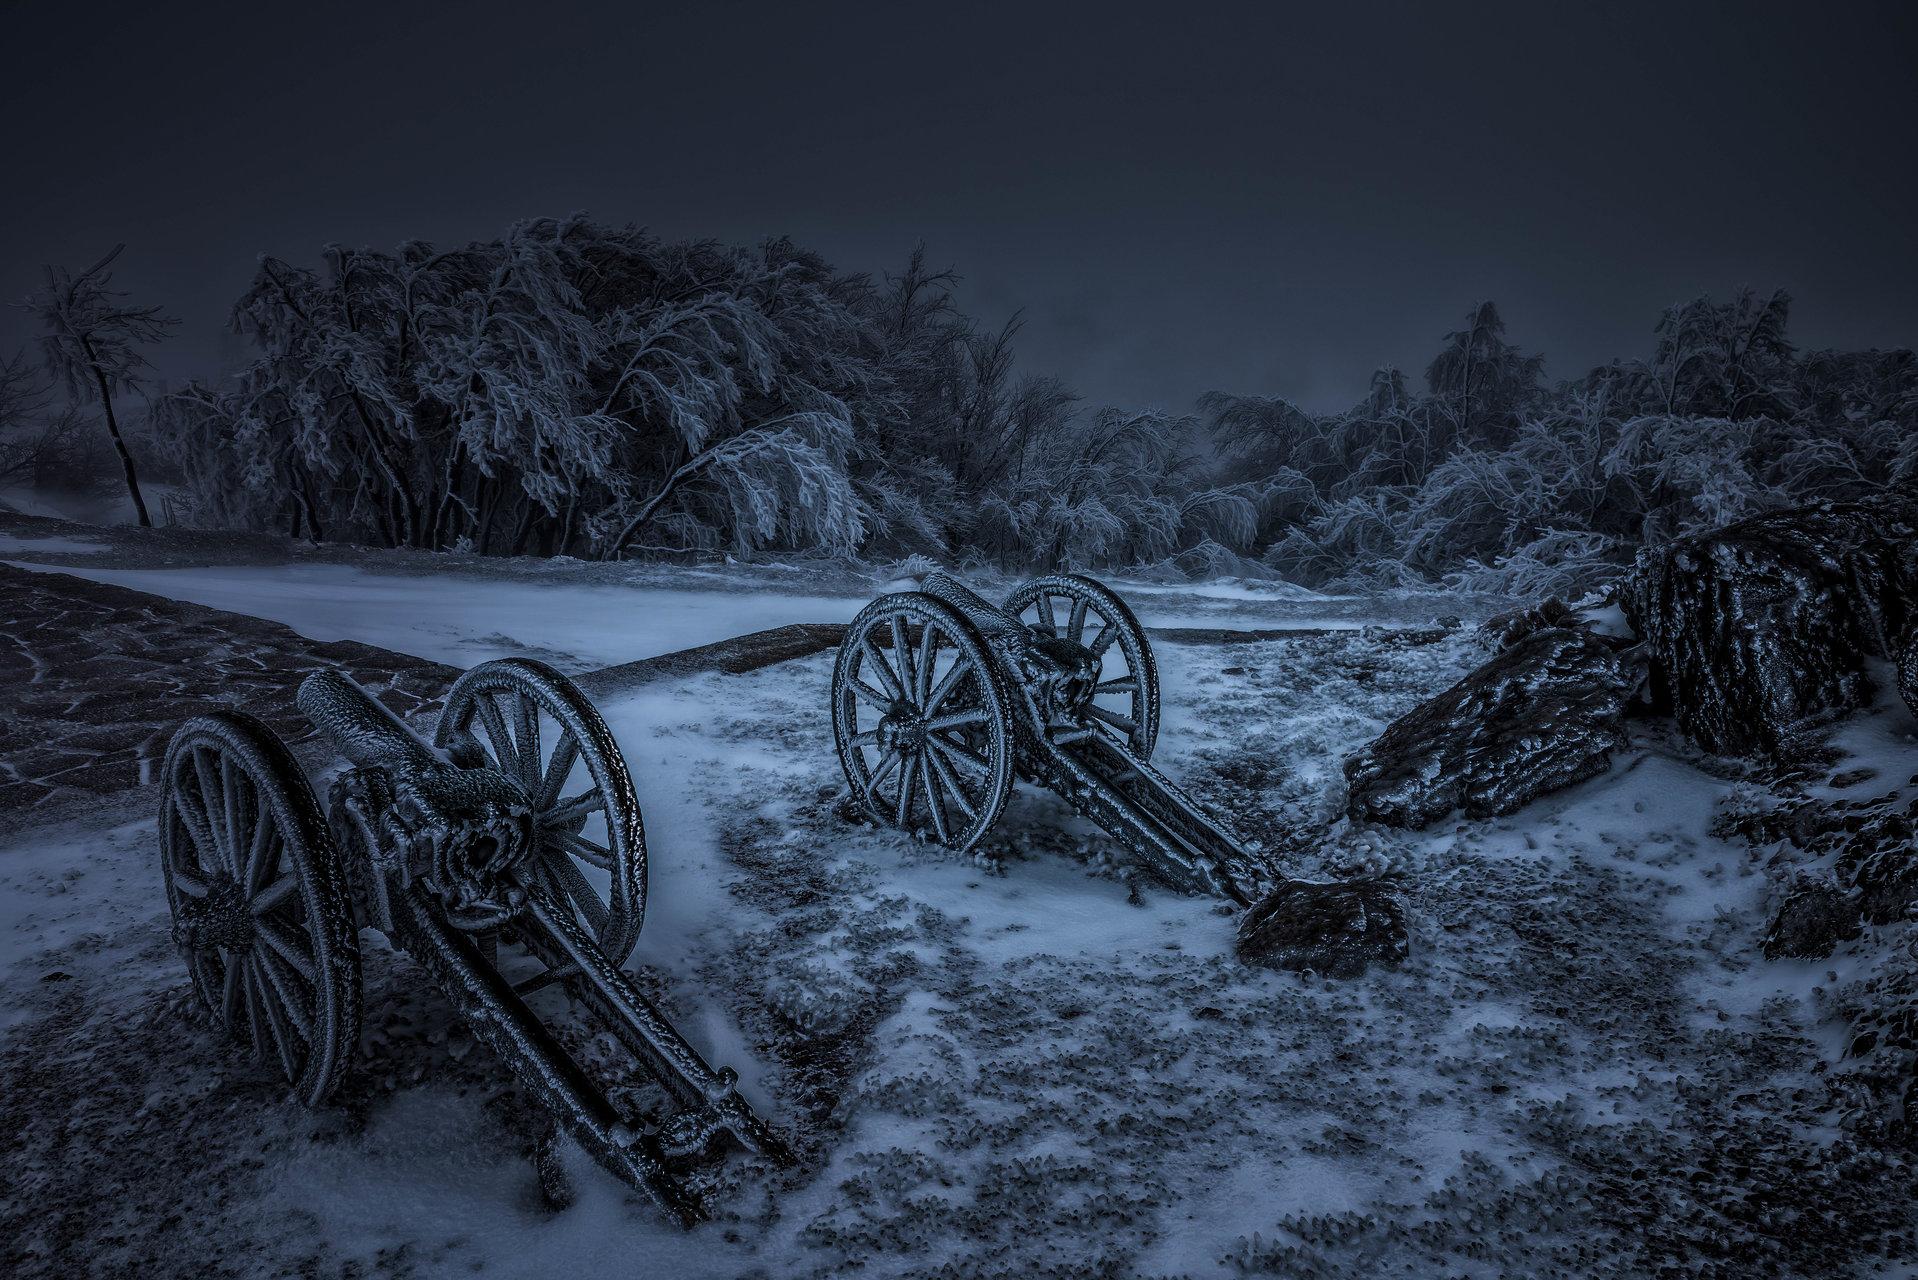 Шипка-леденото кралство | Author Pablo79 | PHOTO FORUM